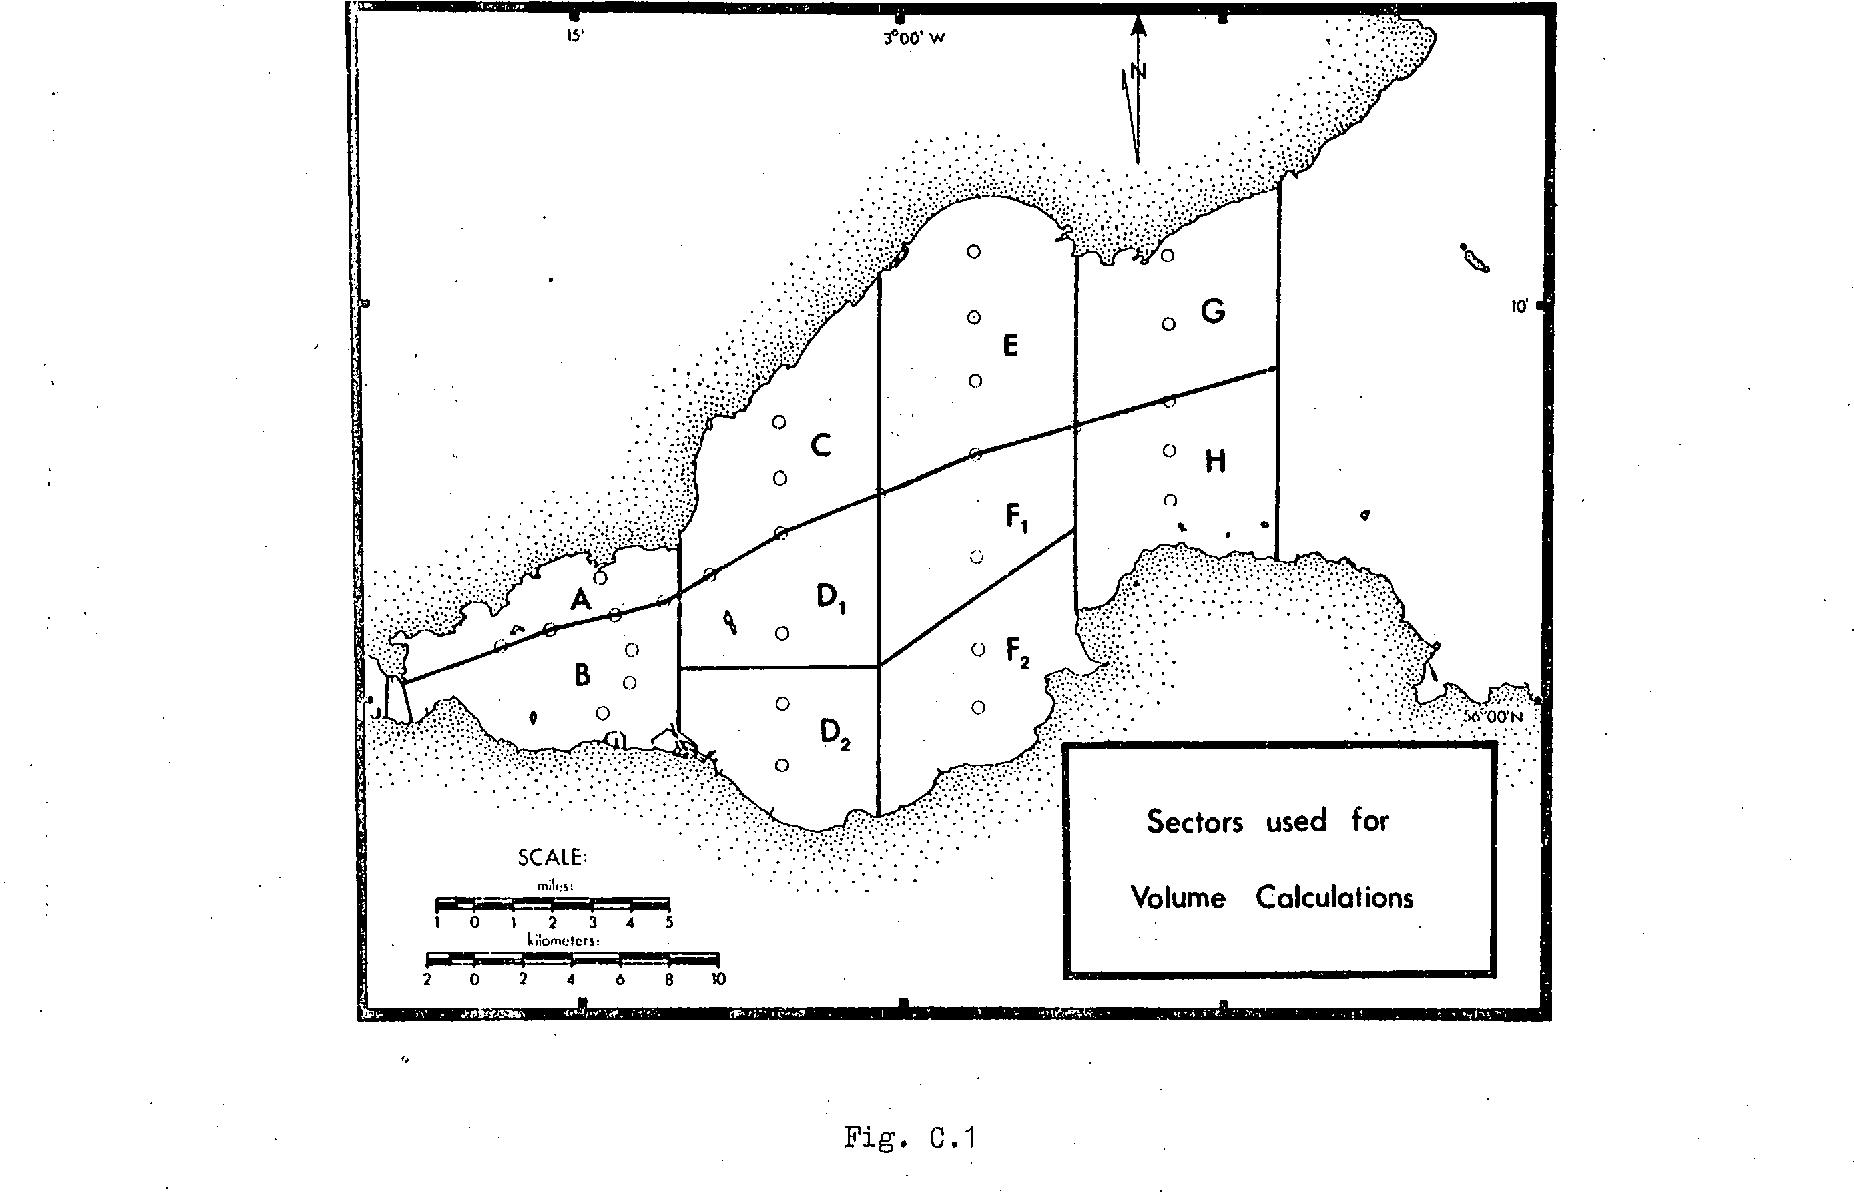 figure C.1